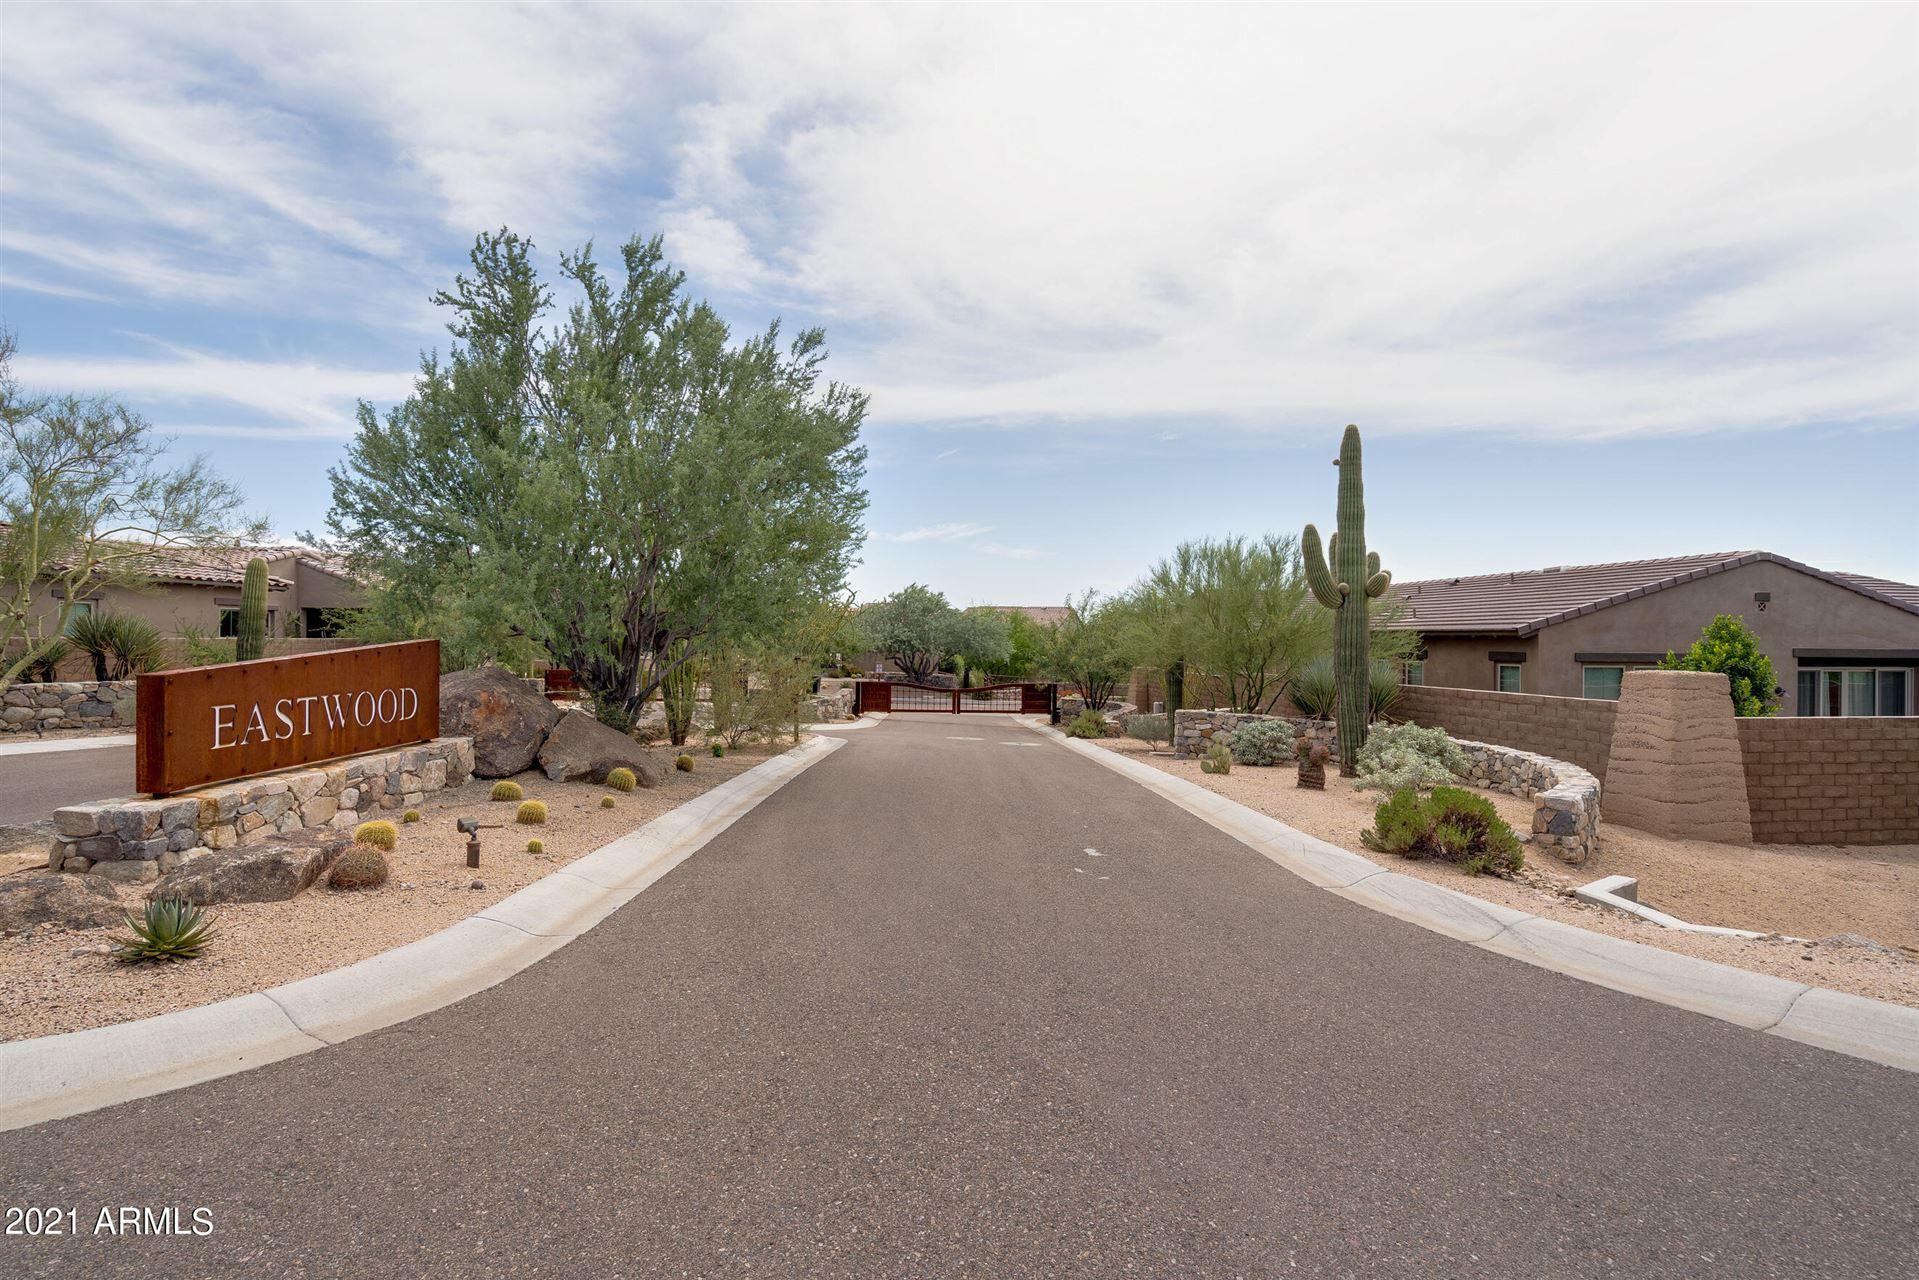 Photo of 8667 E EASTWOOD Circle, Carefree, AZ 85377 (MLS # 6283880)